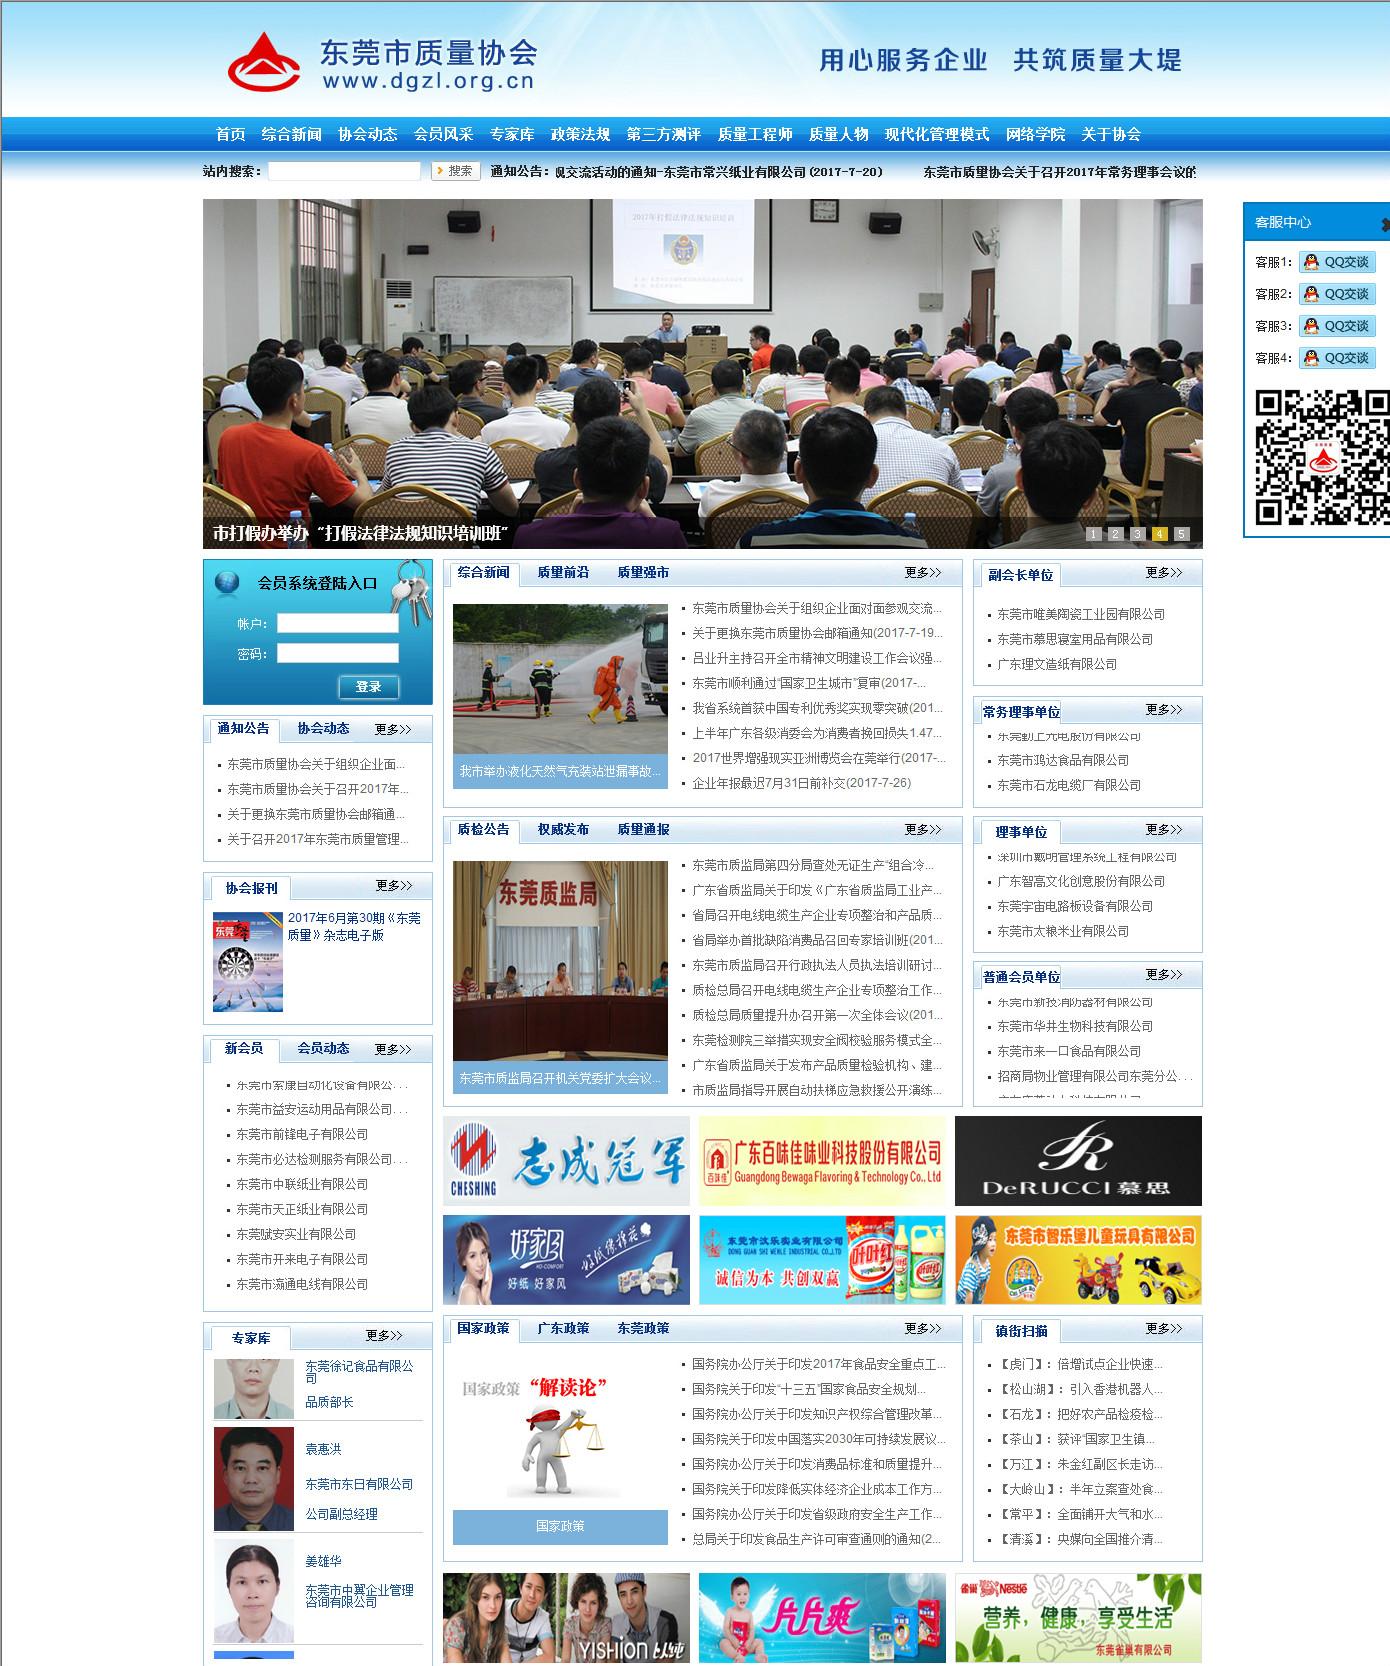 东莞市质量协会